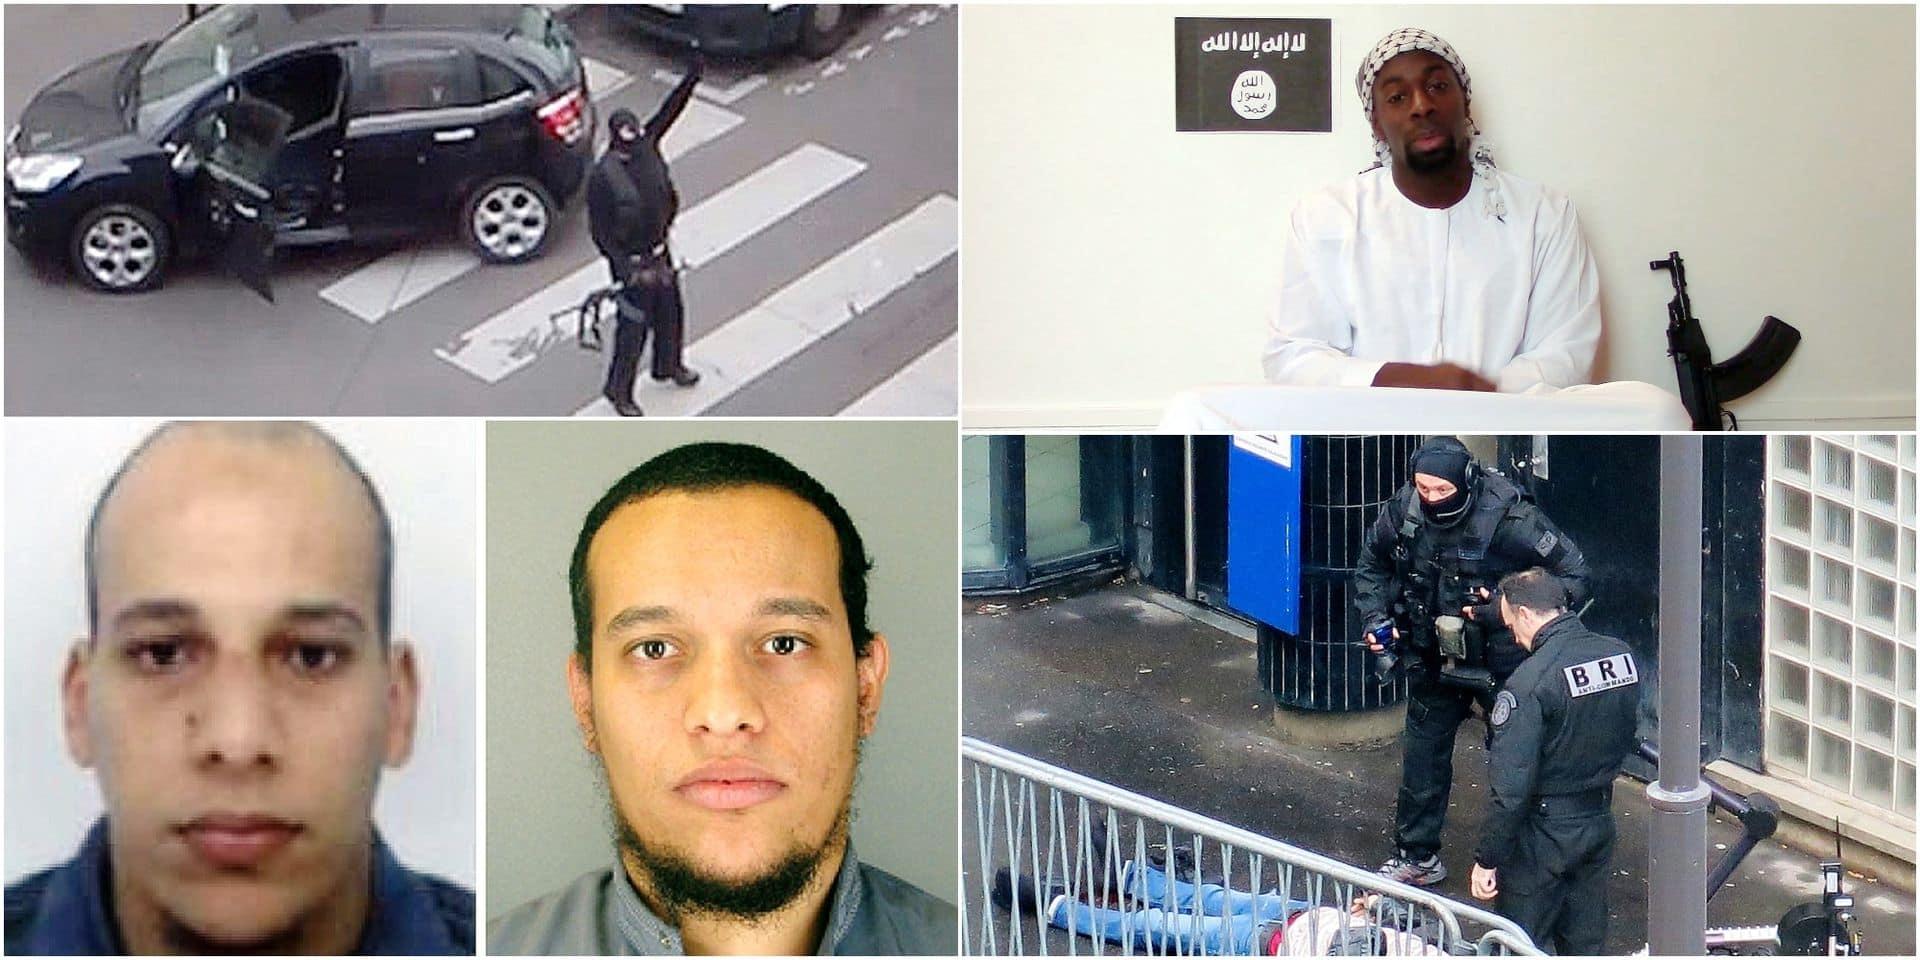 Attentats de Charlie Hebdo, nos dernières révélations : les vrais plans des frères Kouachi et d'Amedy Coulibaly après l'attaque de l'hebdomadaire